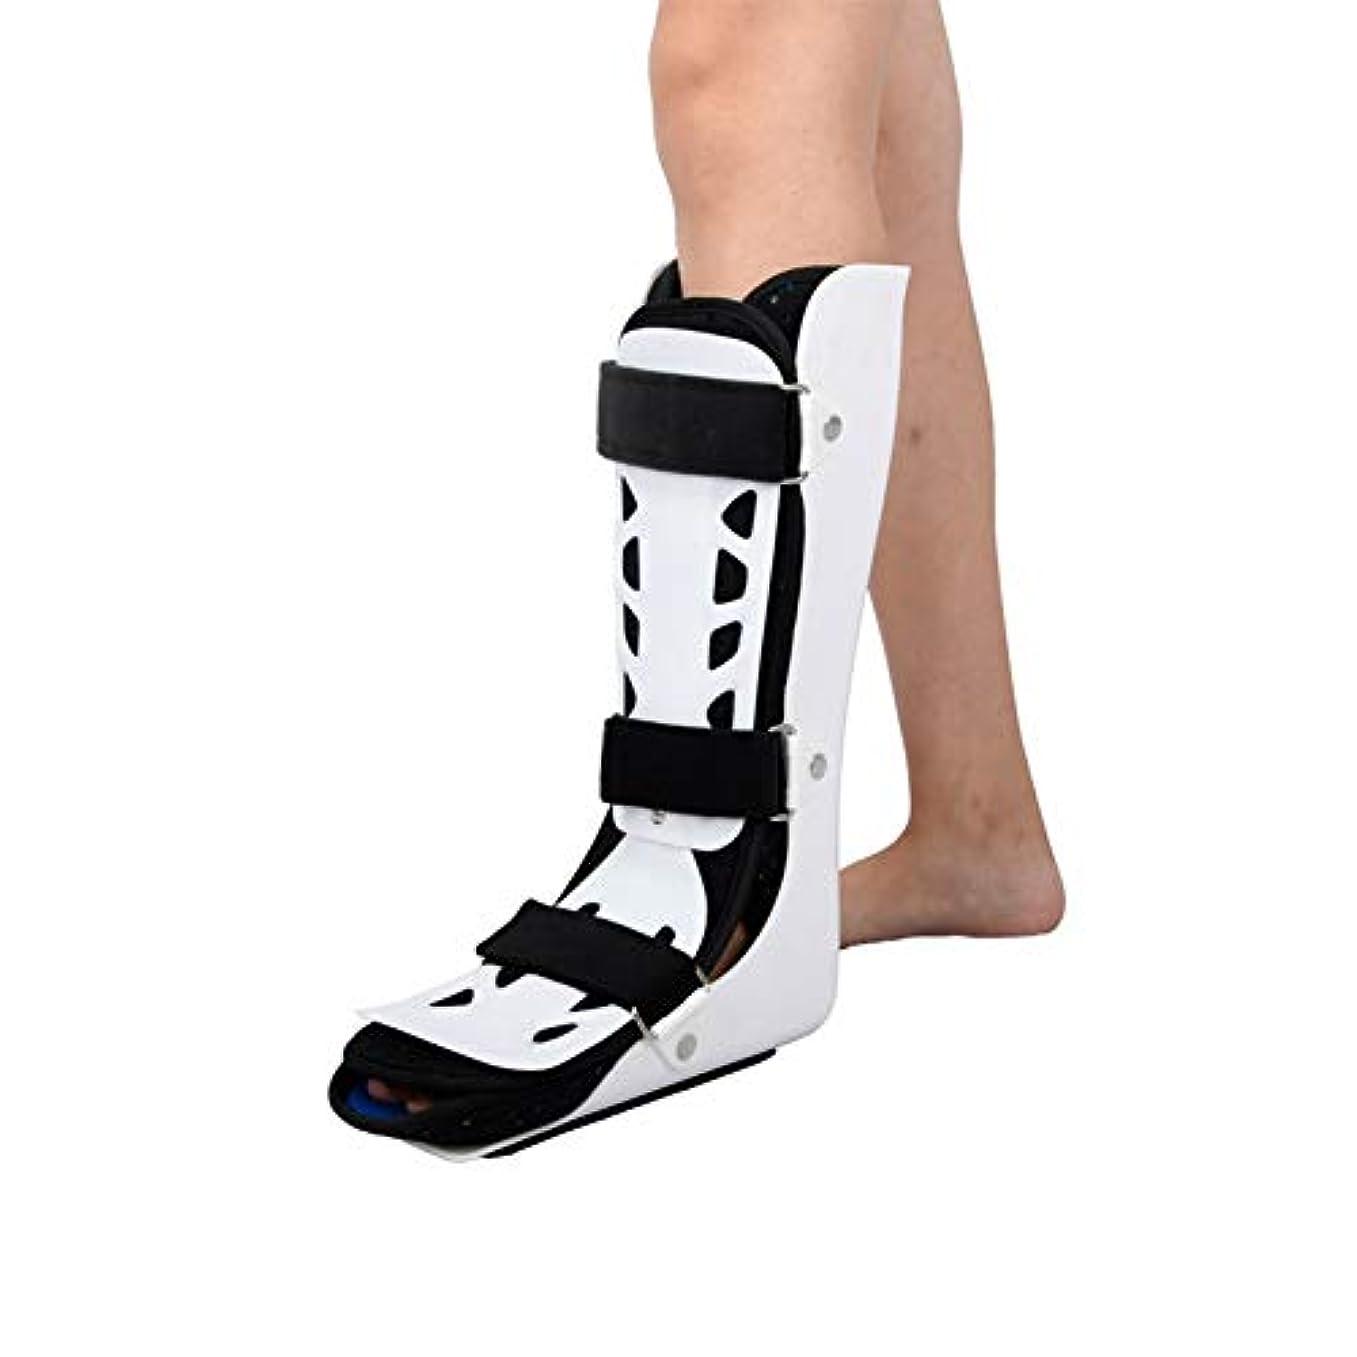 兵器庫ふさわしい下着足首サポート アキレス、大人の足首とアキレス腱を骨折し、歩行時の通気性を訓練します。足首を固定します。 (Color : 左, Size : L)